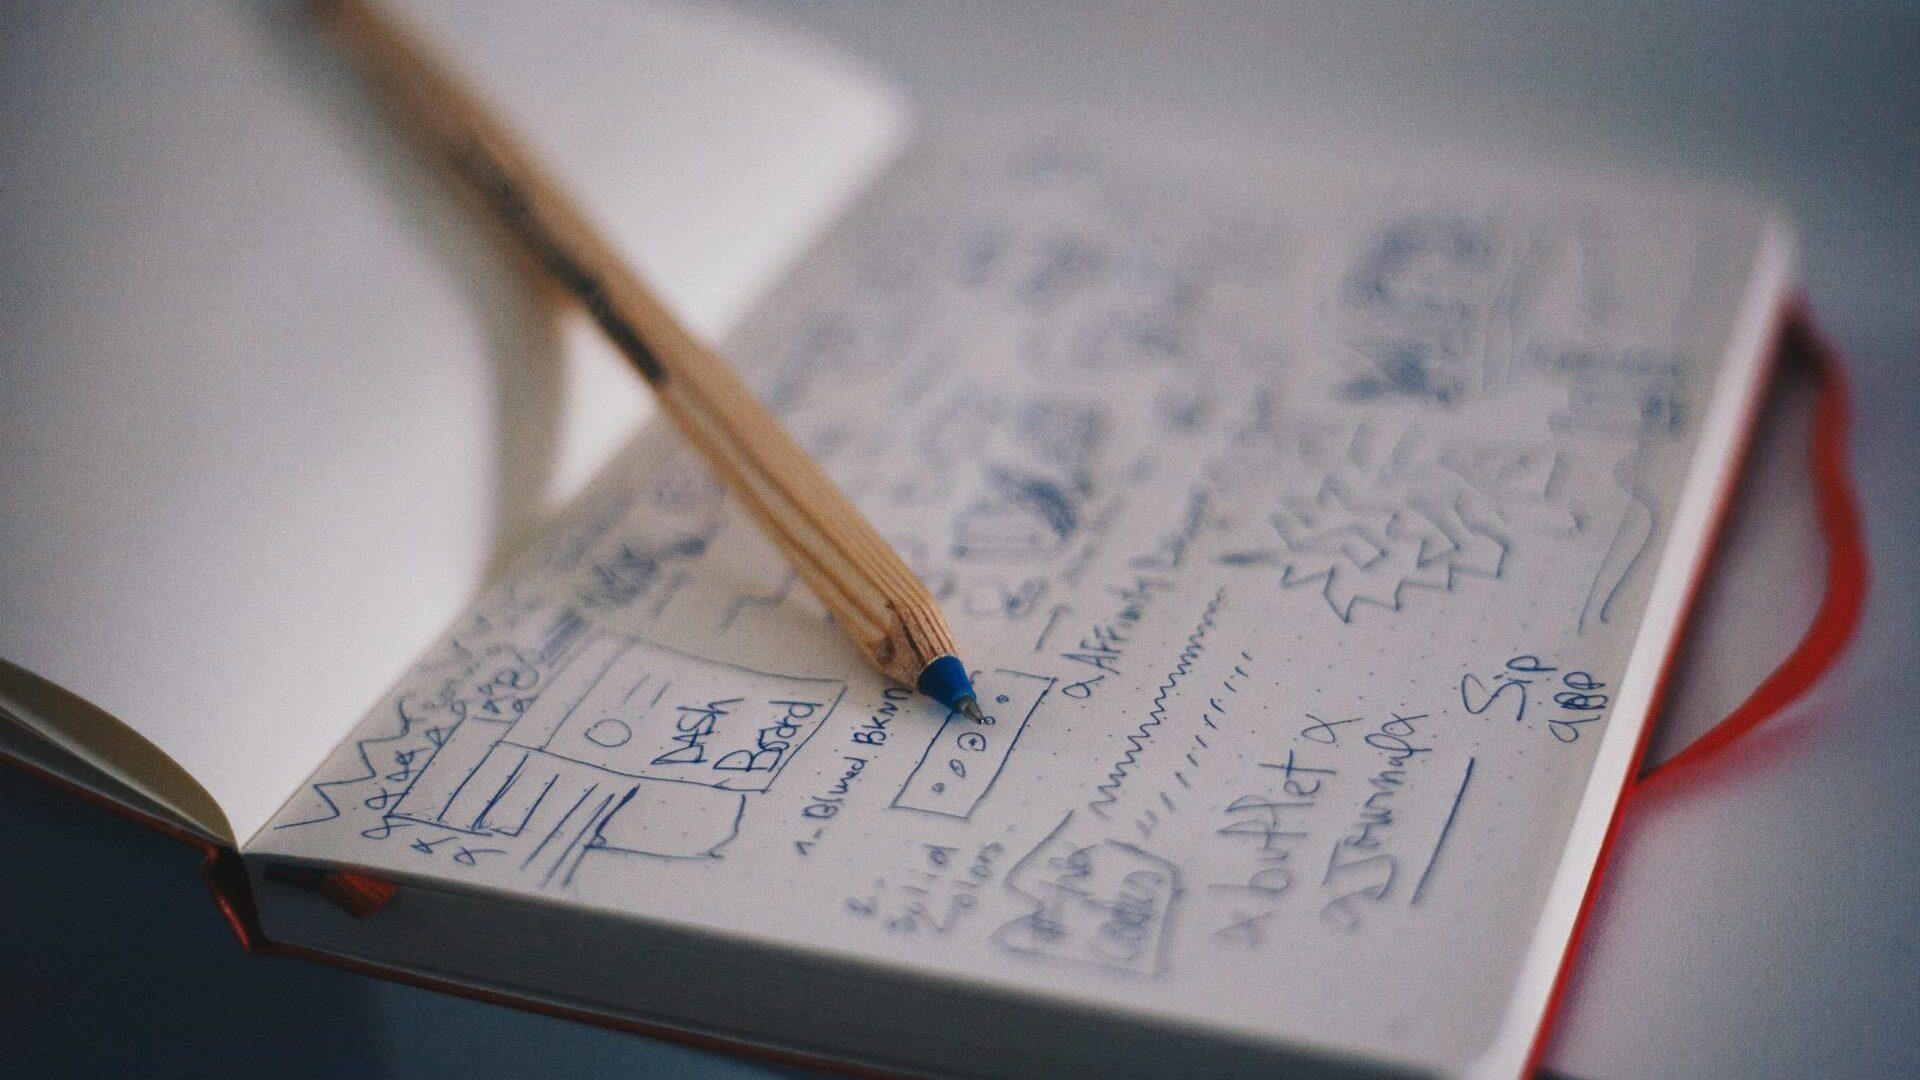 事業計画をノートに書いている画像